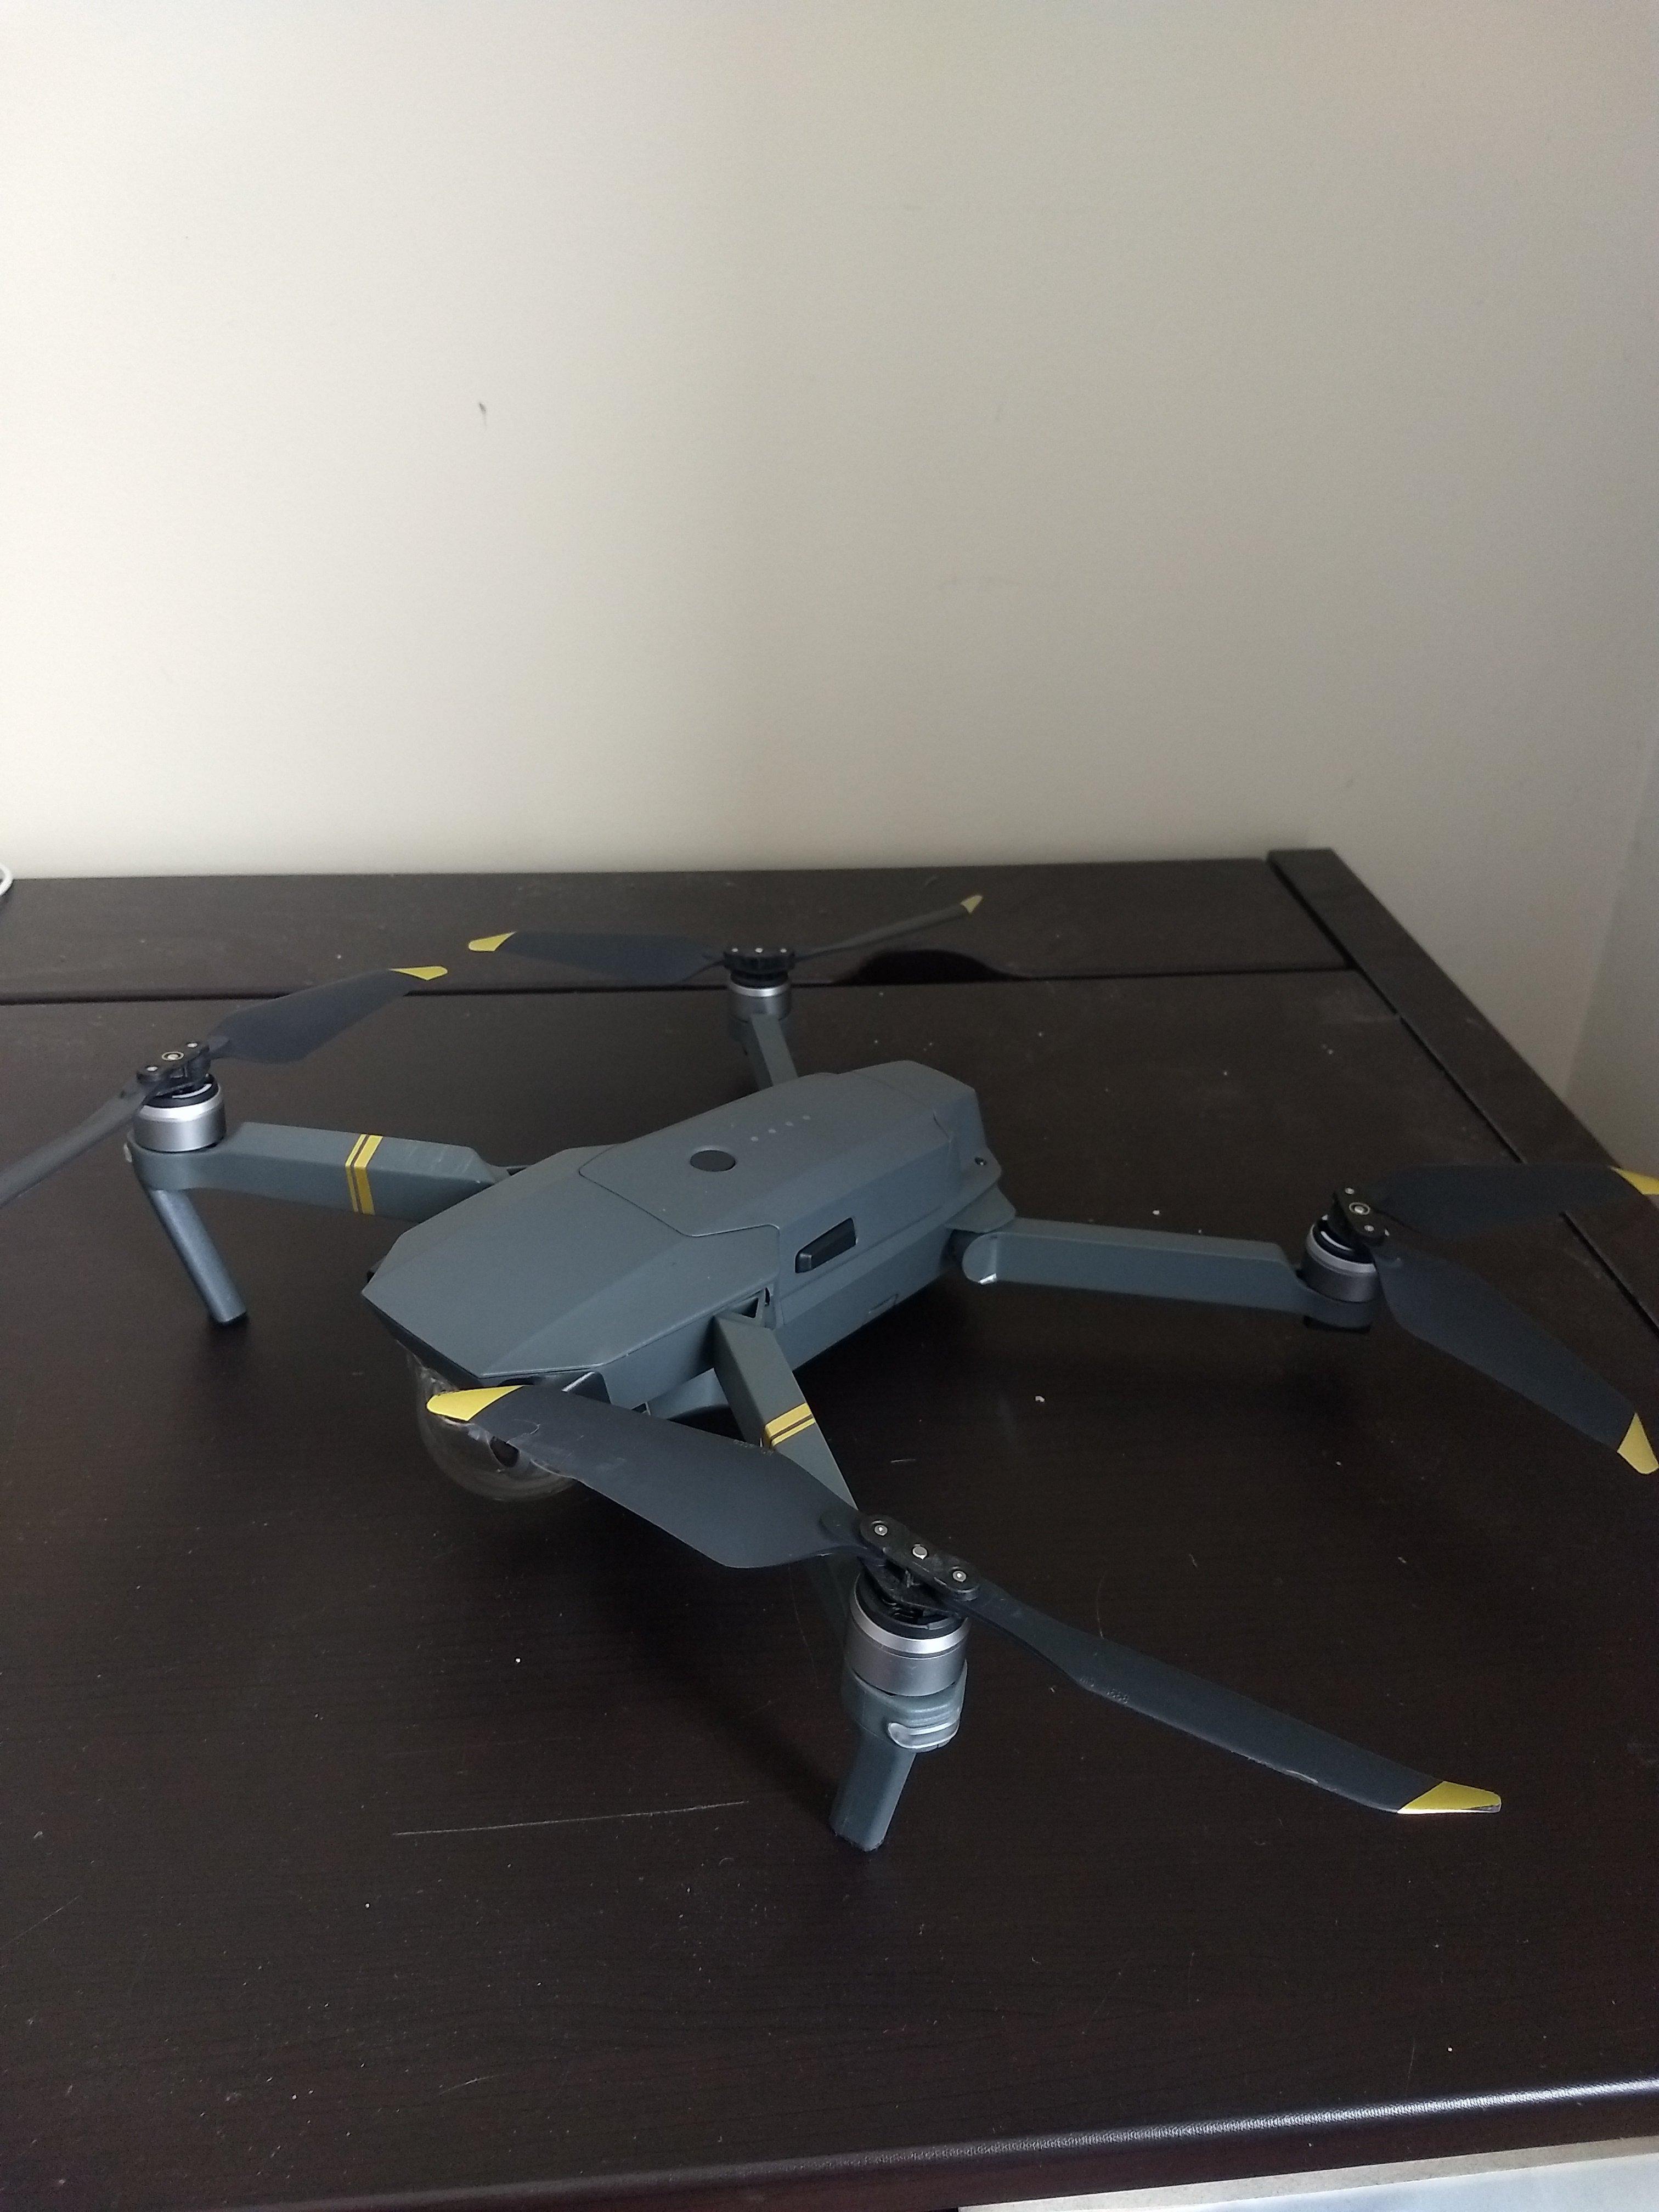 DJI Mavic Pro - In Box, Ready to Fly Image